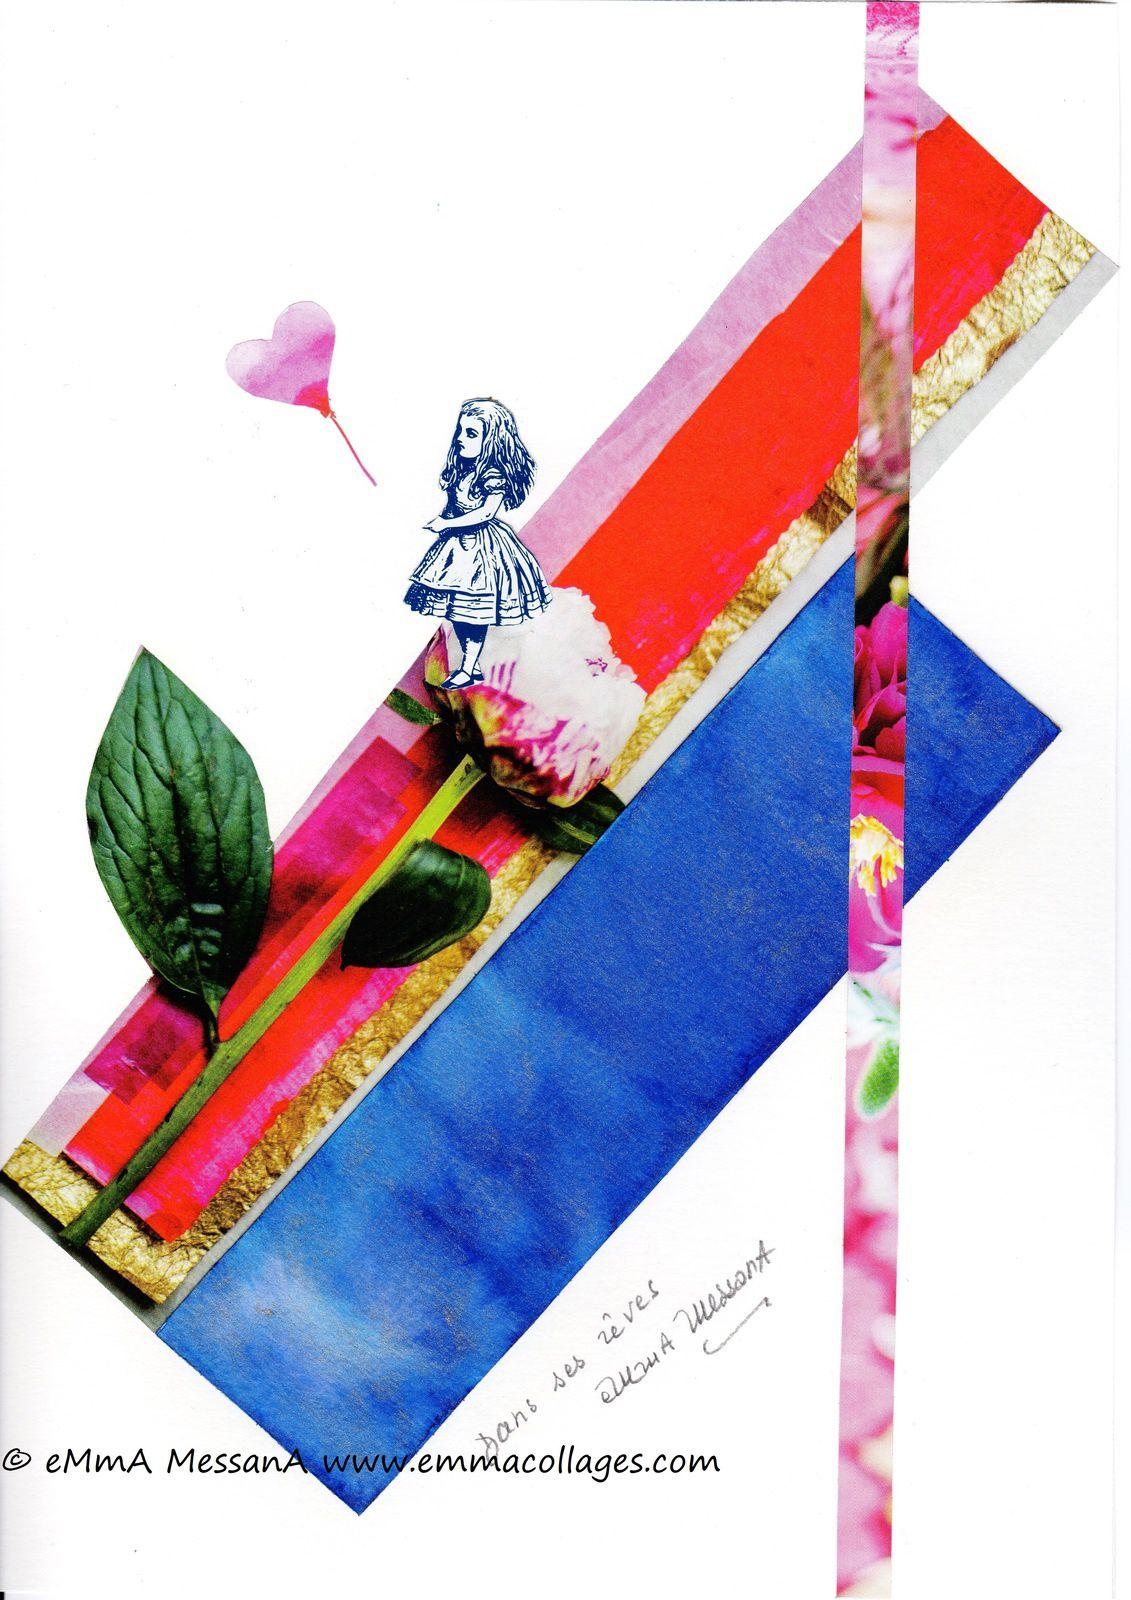 """Les Collages d'eMmA MessanA, collage N°443 """"Dans ses rêves"""", exemplaire unique de la série """"Alice"""" © eMmA MessanA"""